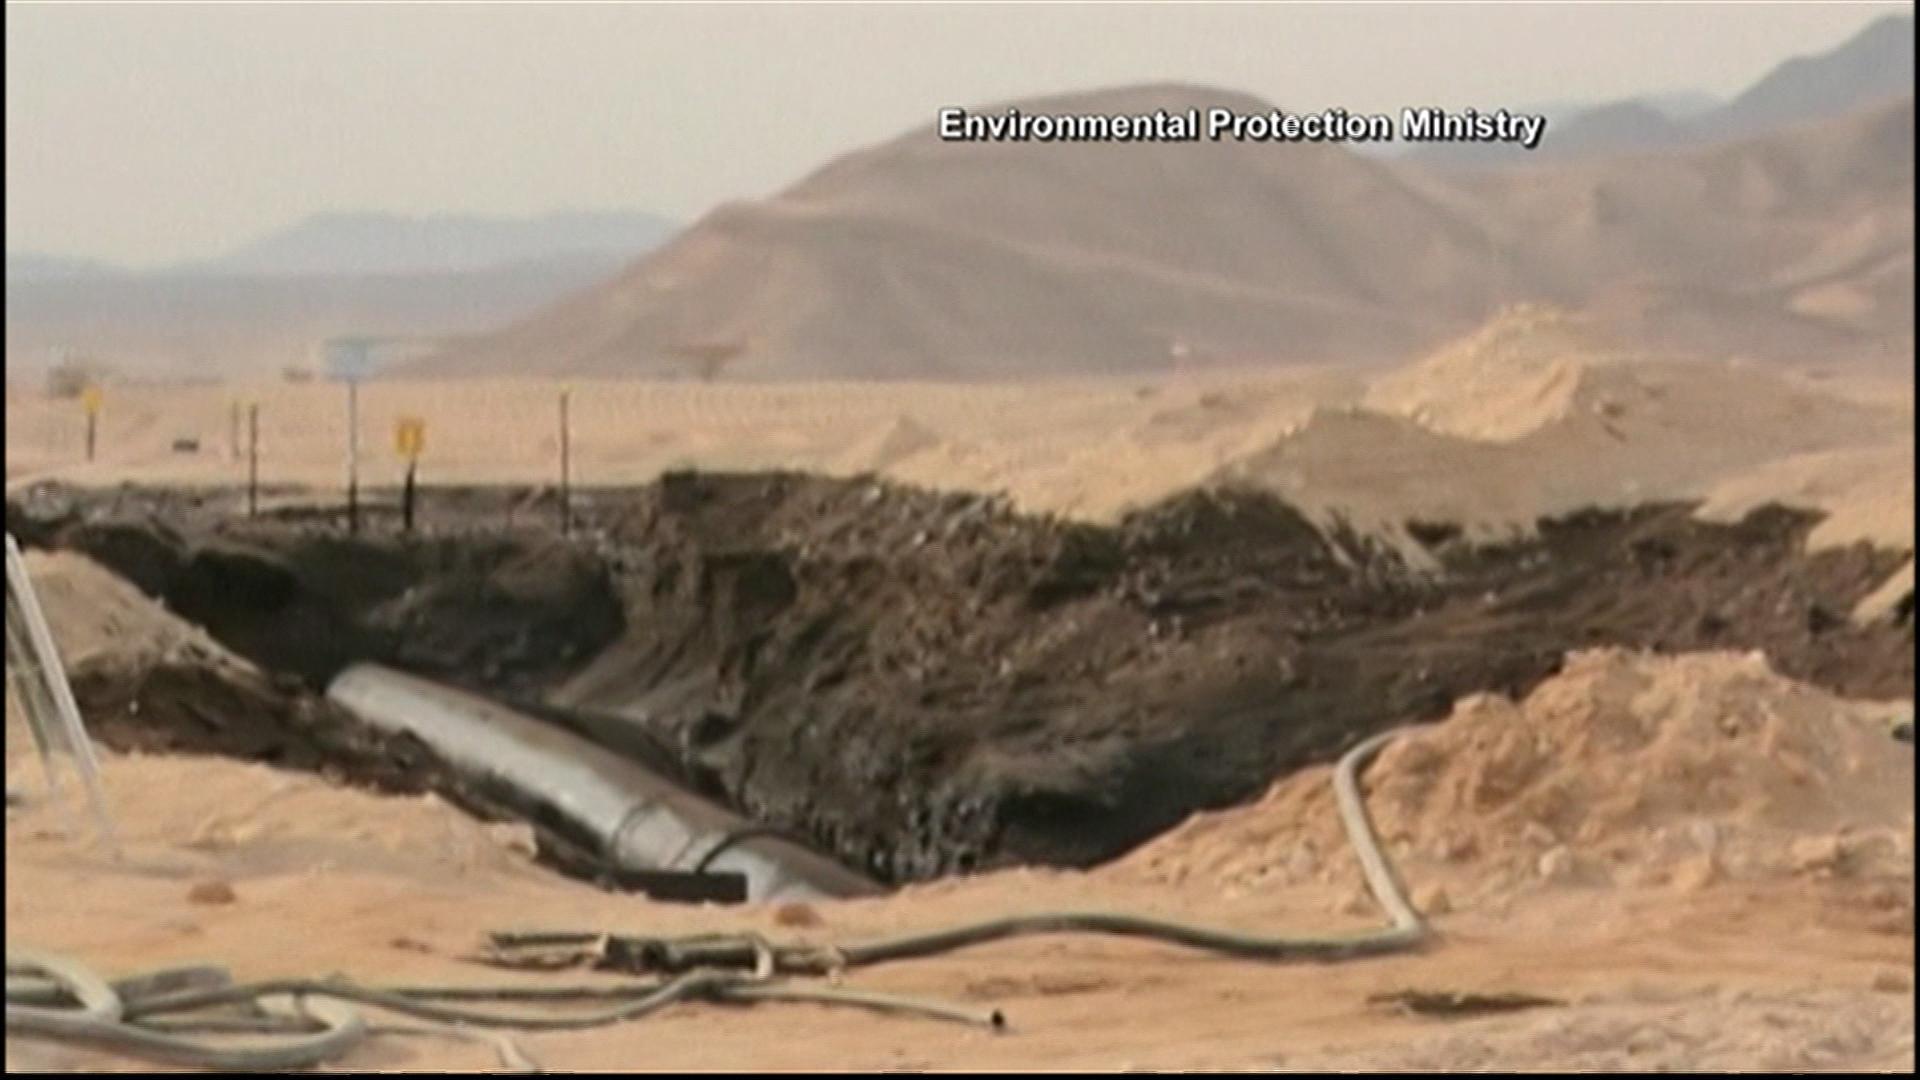 Massive oil spill floods Israeli desert